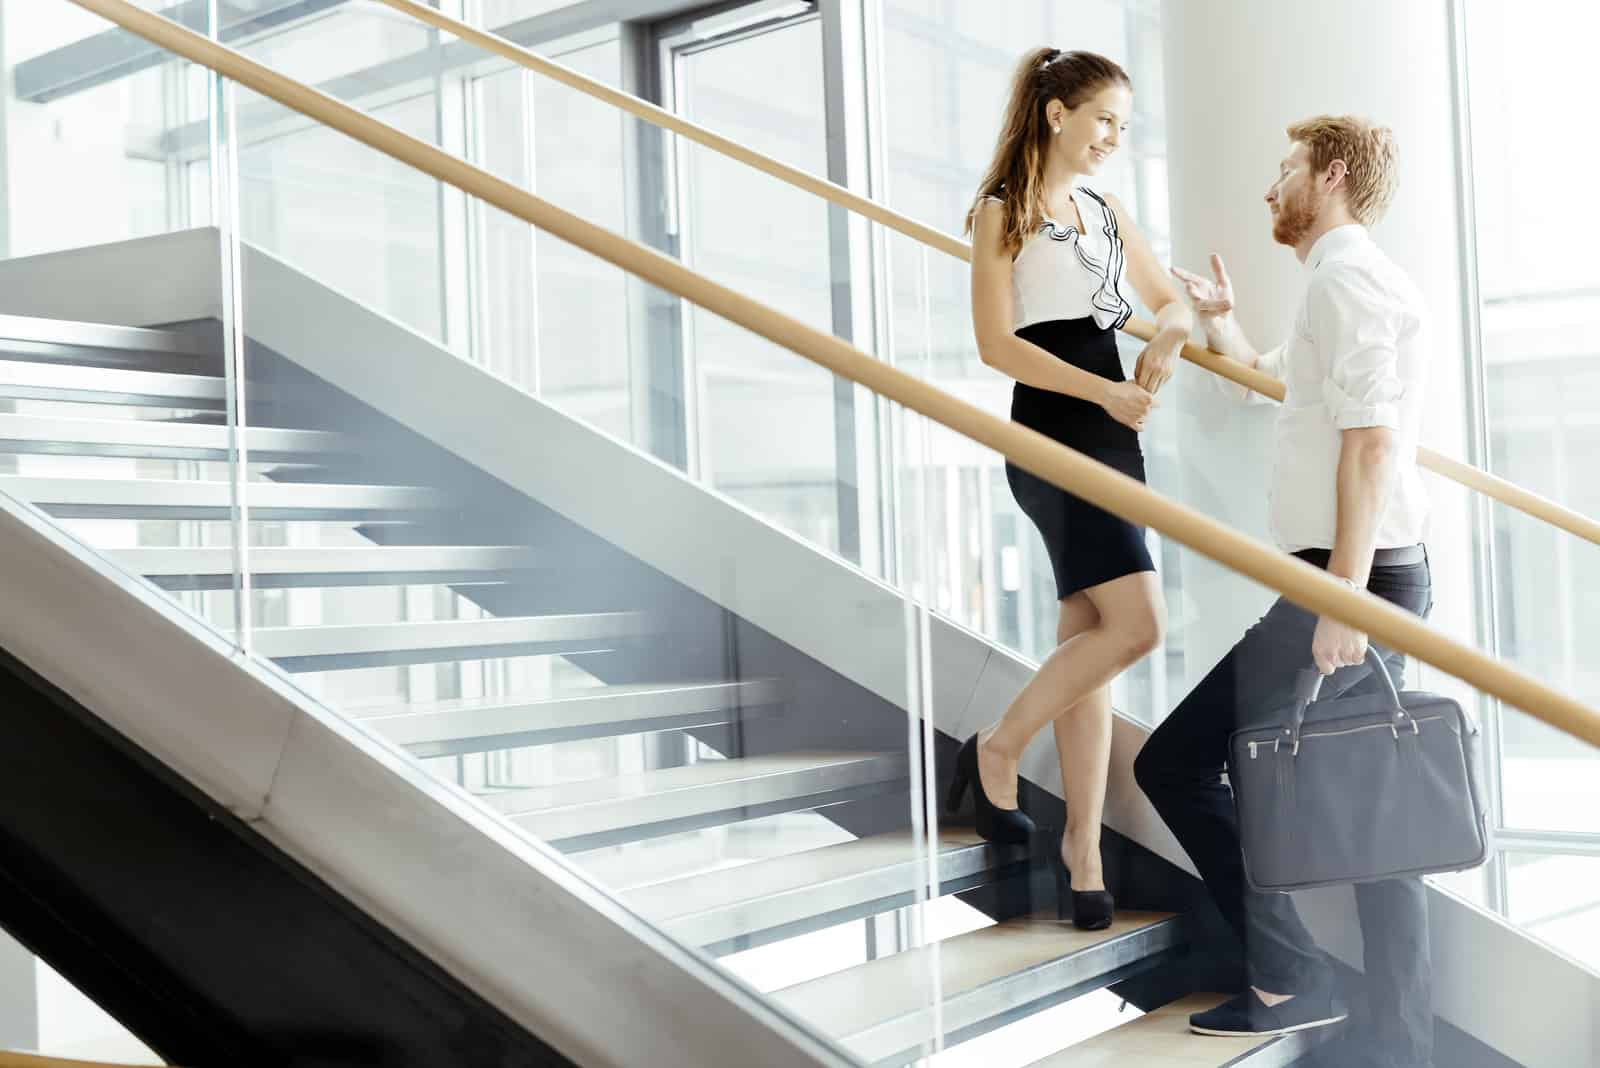 Ny Flirt På Arbetsplatsen? – 7 Användbara Raggningstips